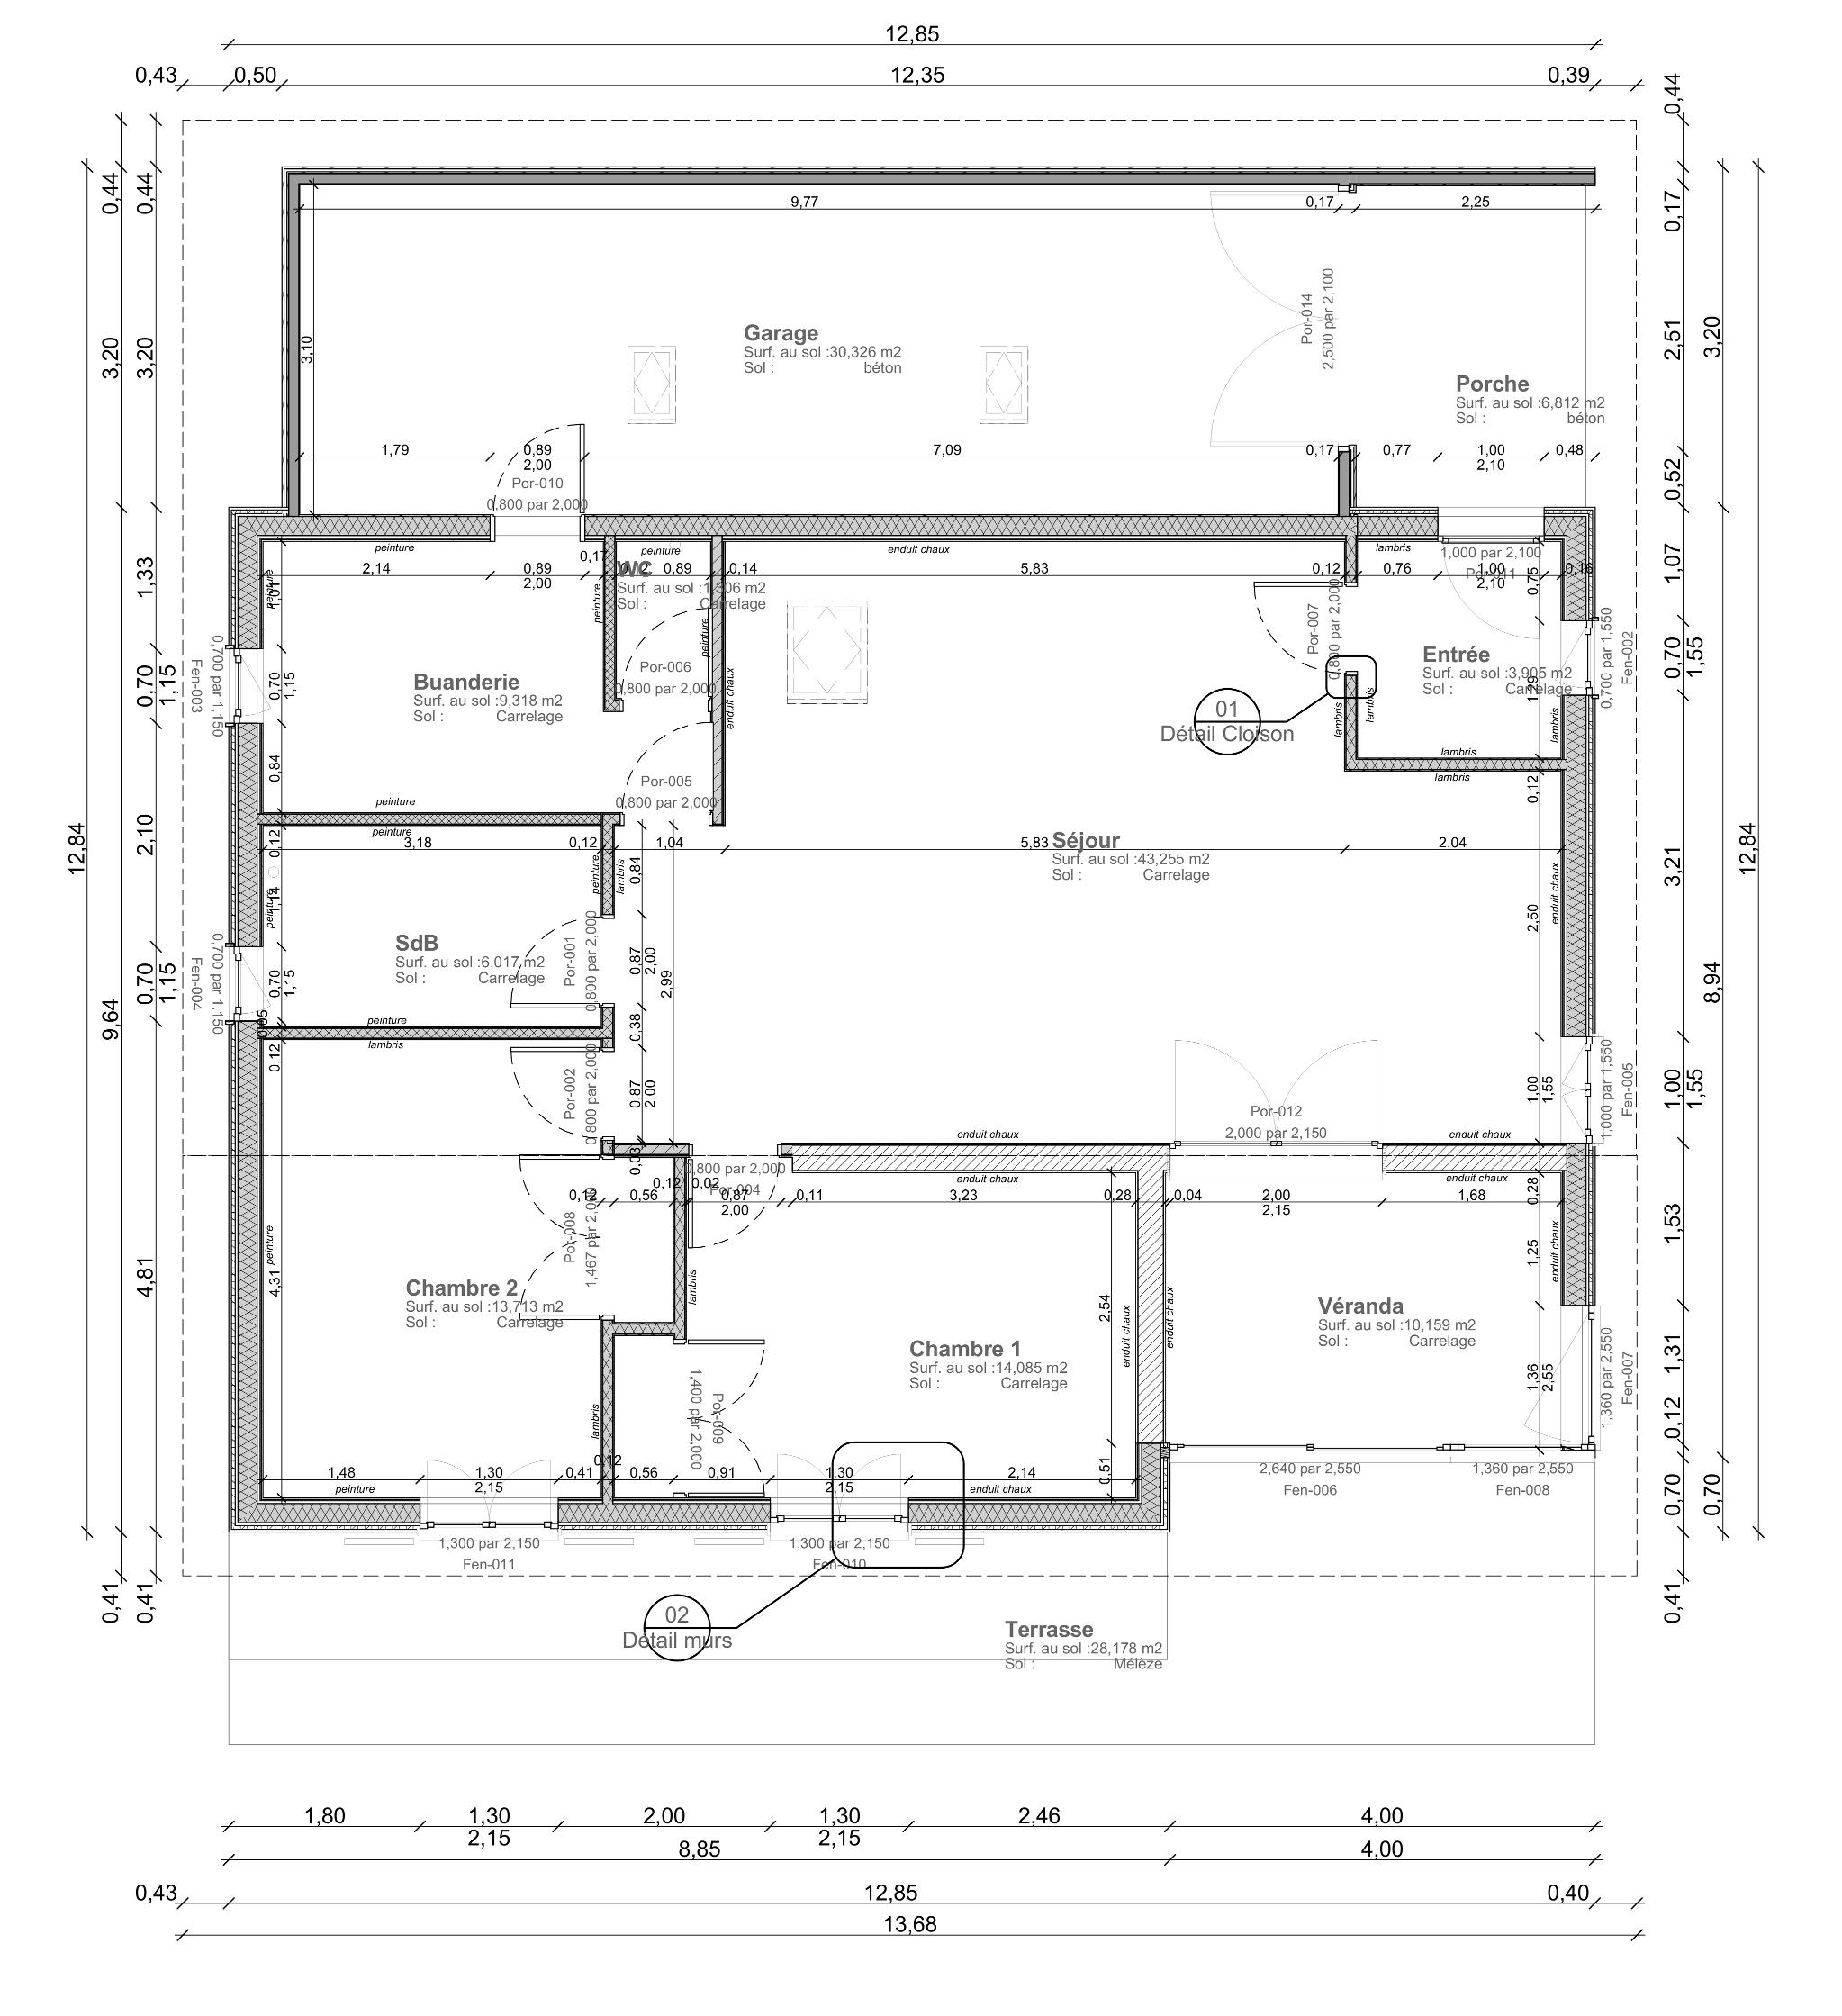 Maison ossature bois bioclimatique matthieu dupont de dinechin architecte - Plan maison bioclimatique ...